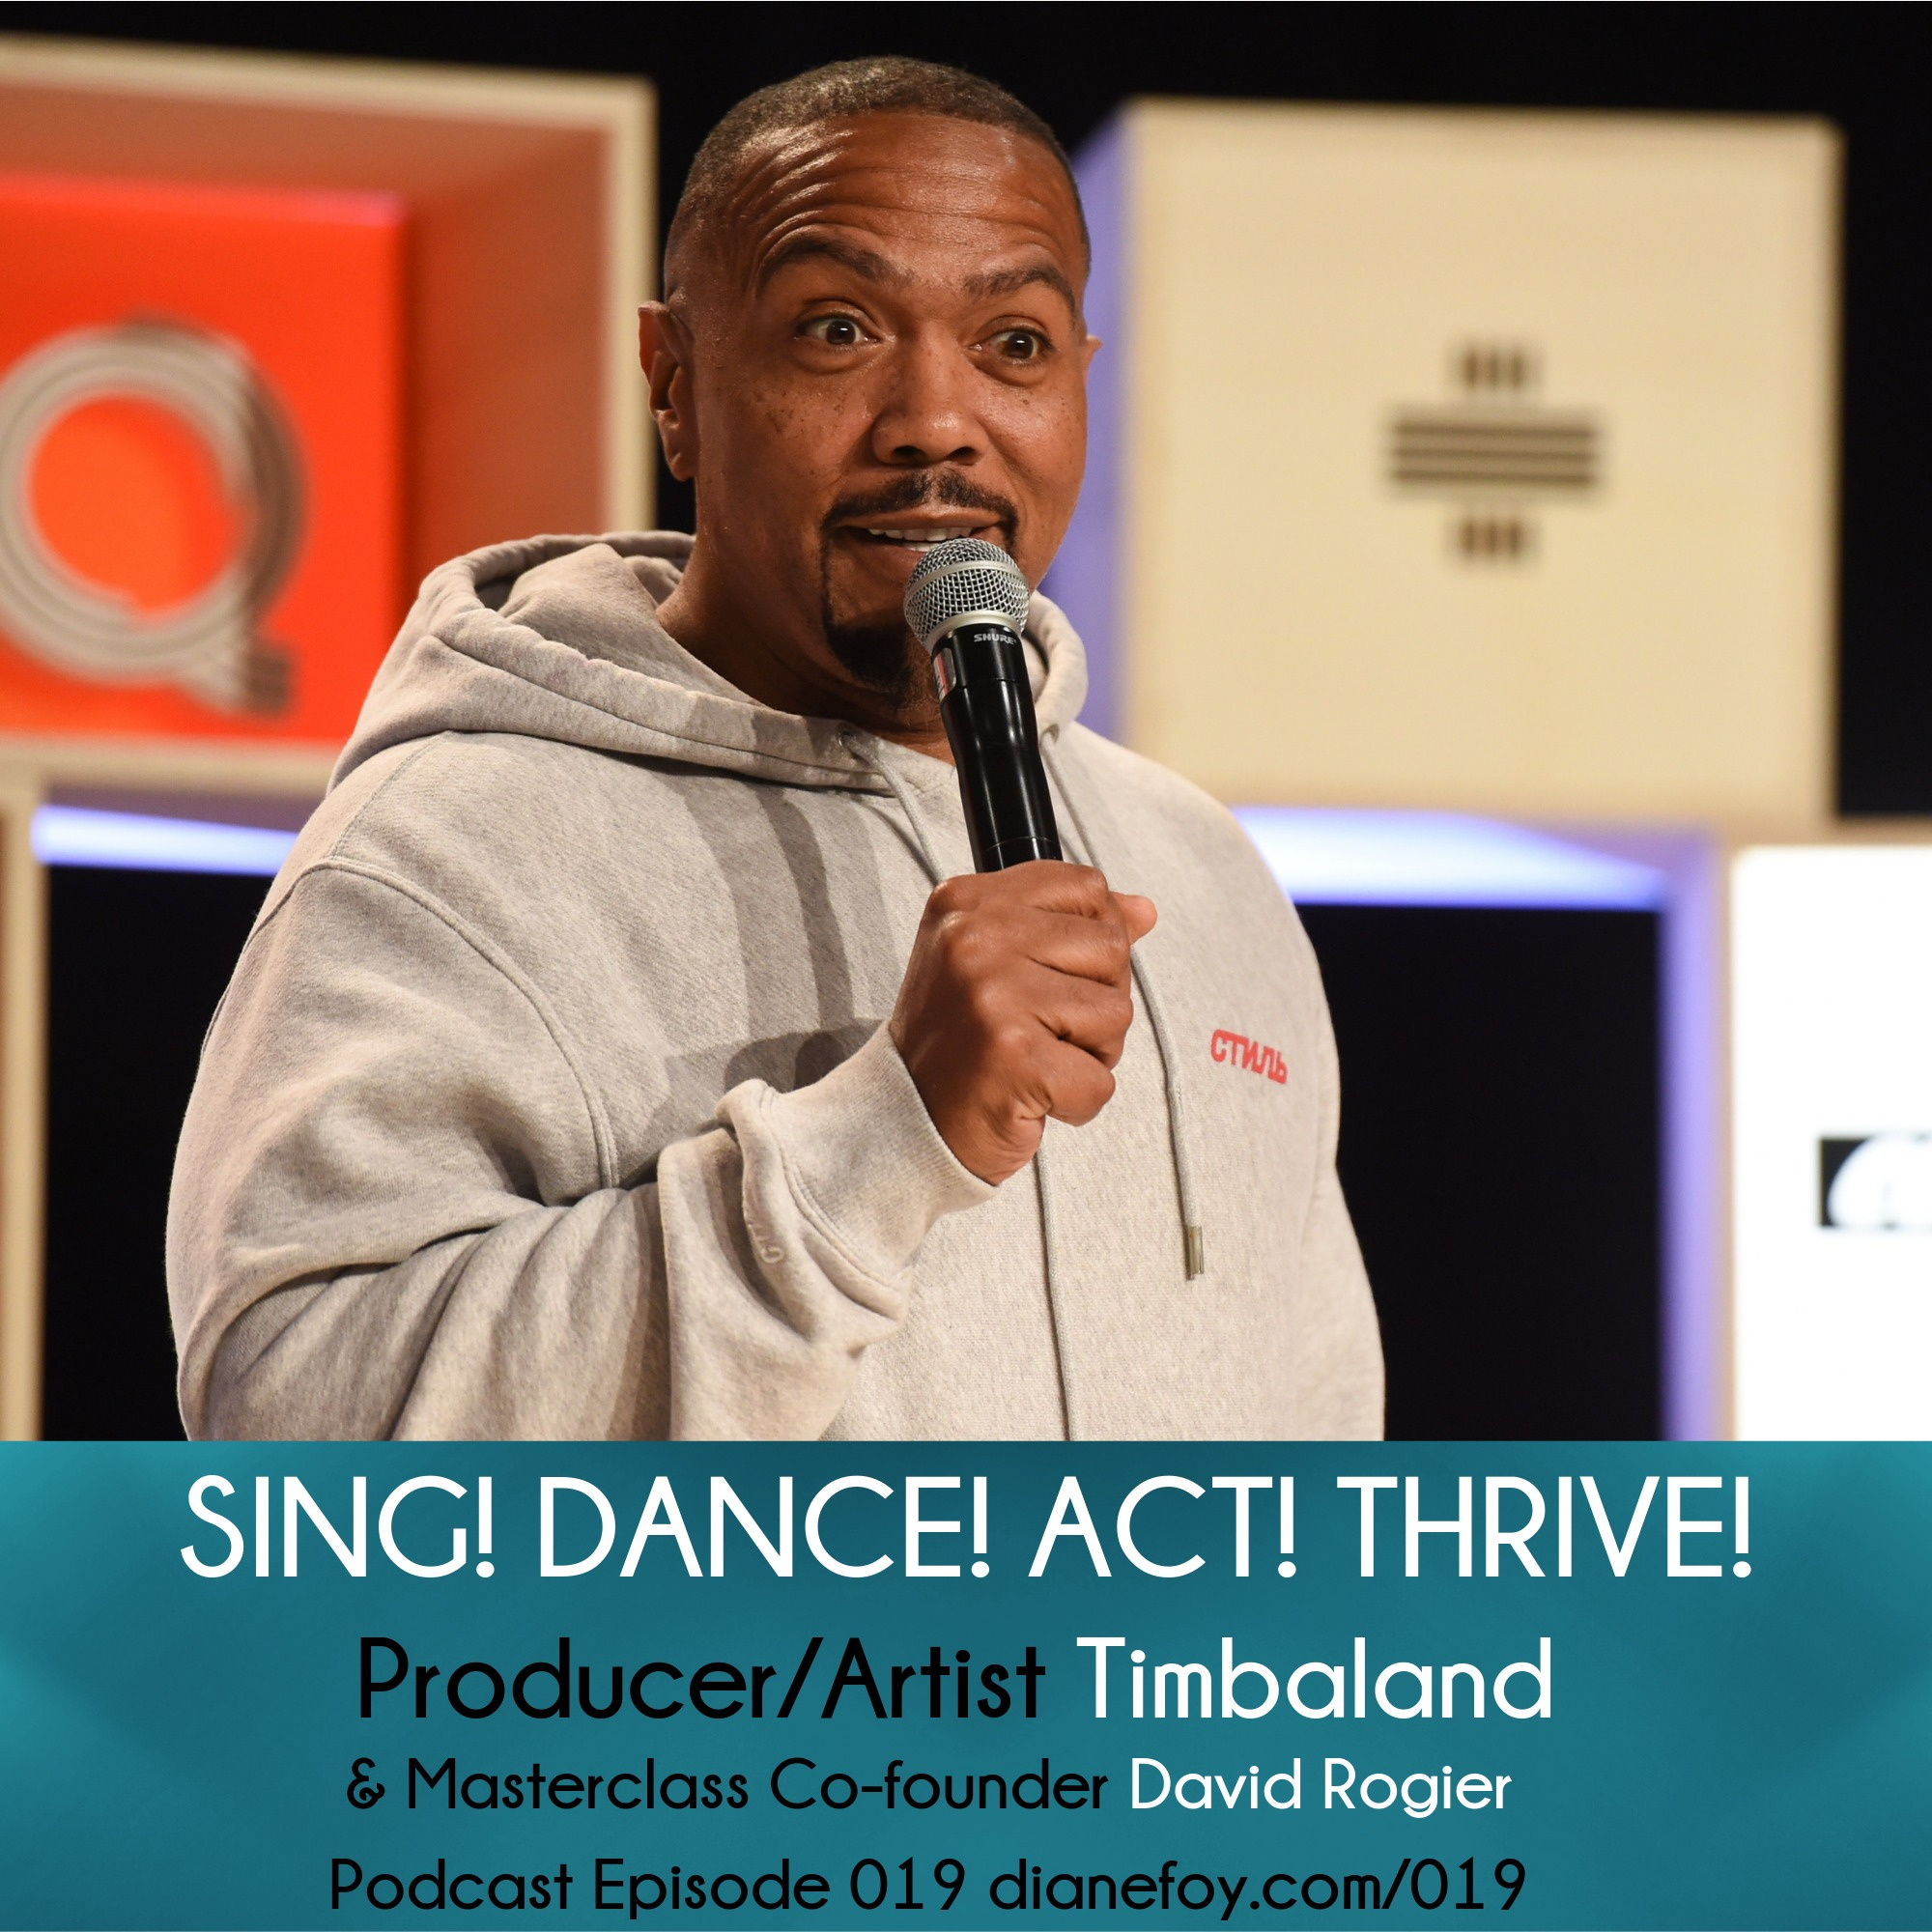 Timbaland & Masterclass